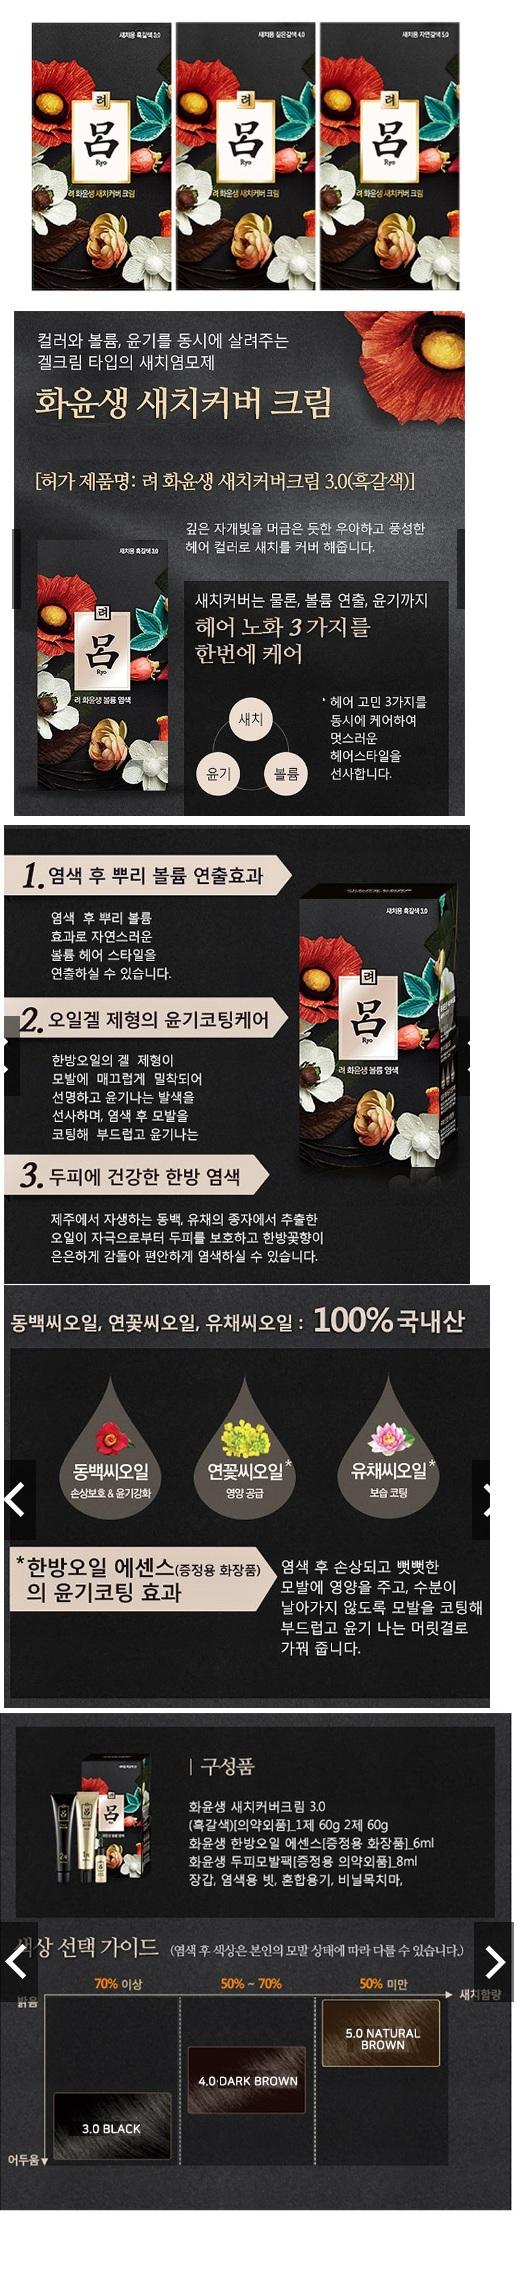 Ryo Hwa Yun Sang Gray Hair Cover Cream korean haircare product online shop malaysia china poland1